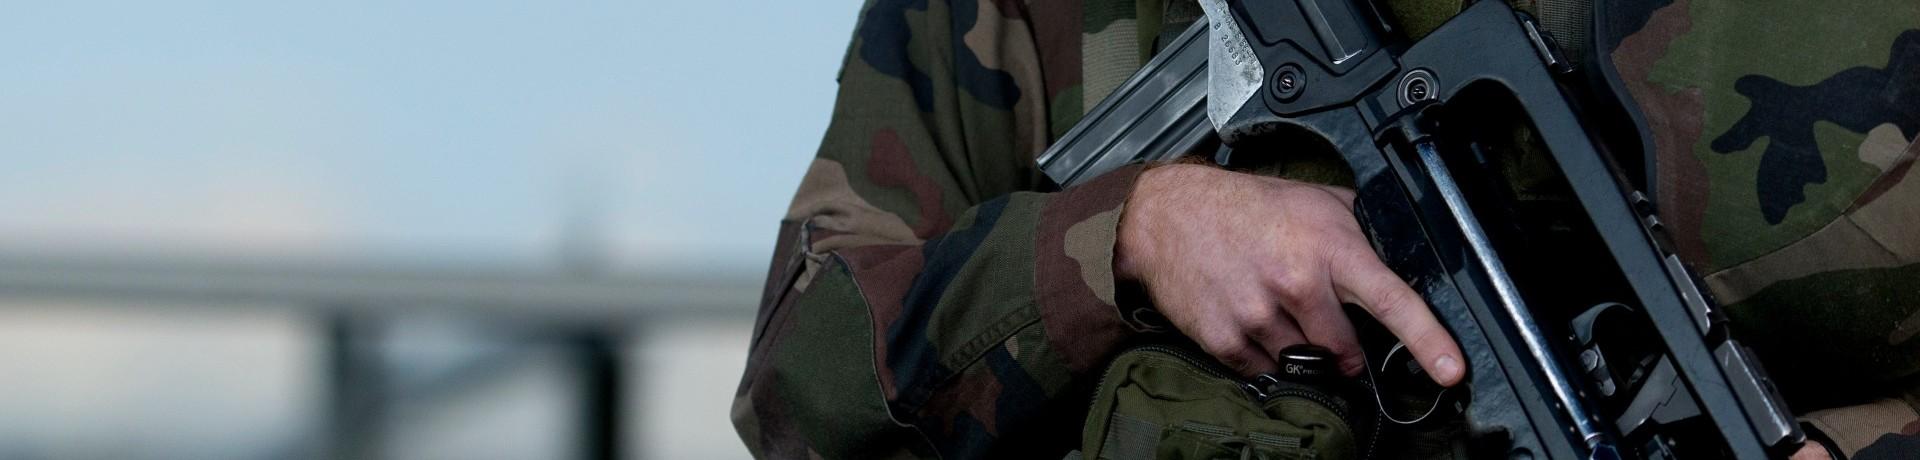 Un soldat patrouille dans le cadre du plan Vigipirate.